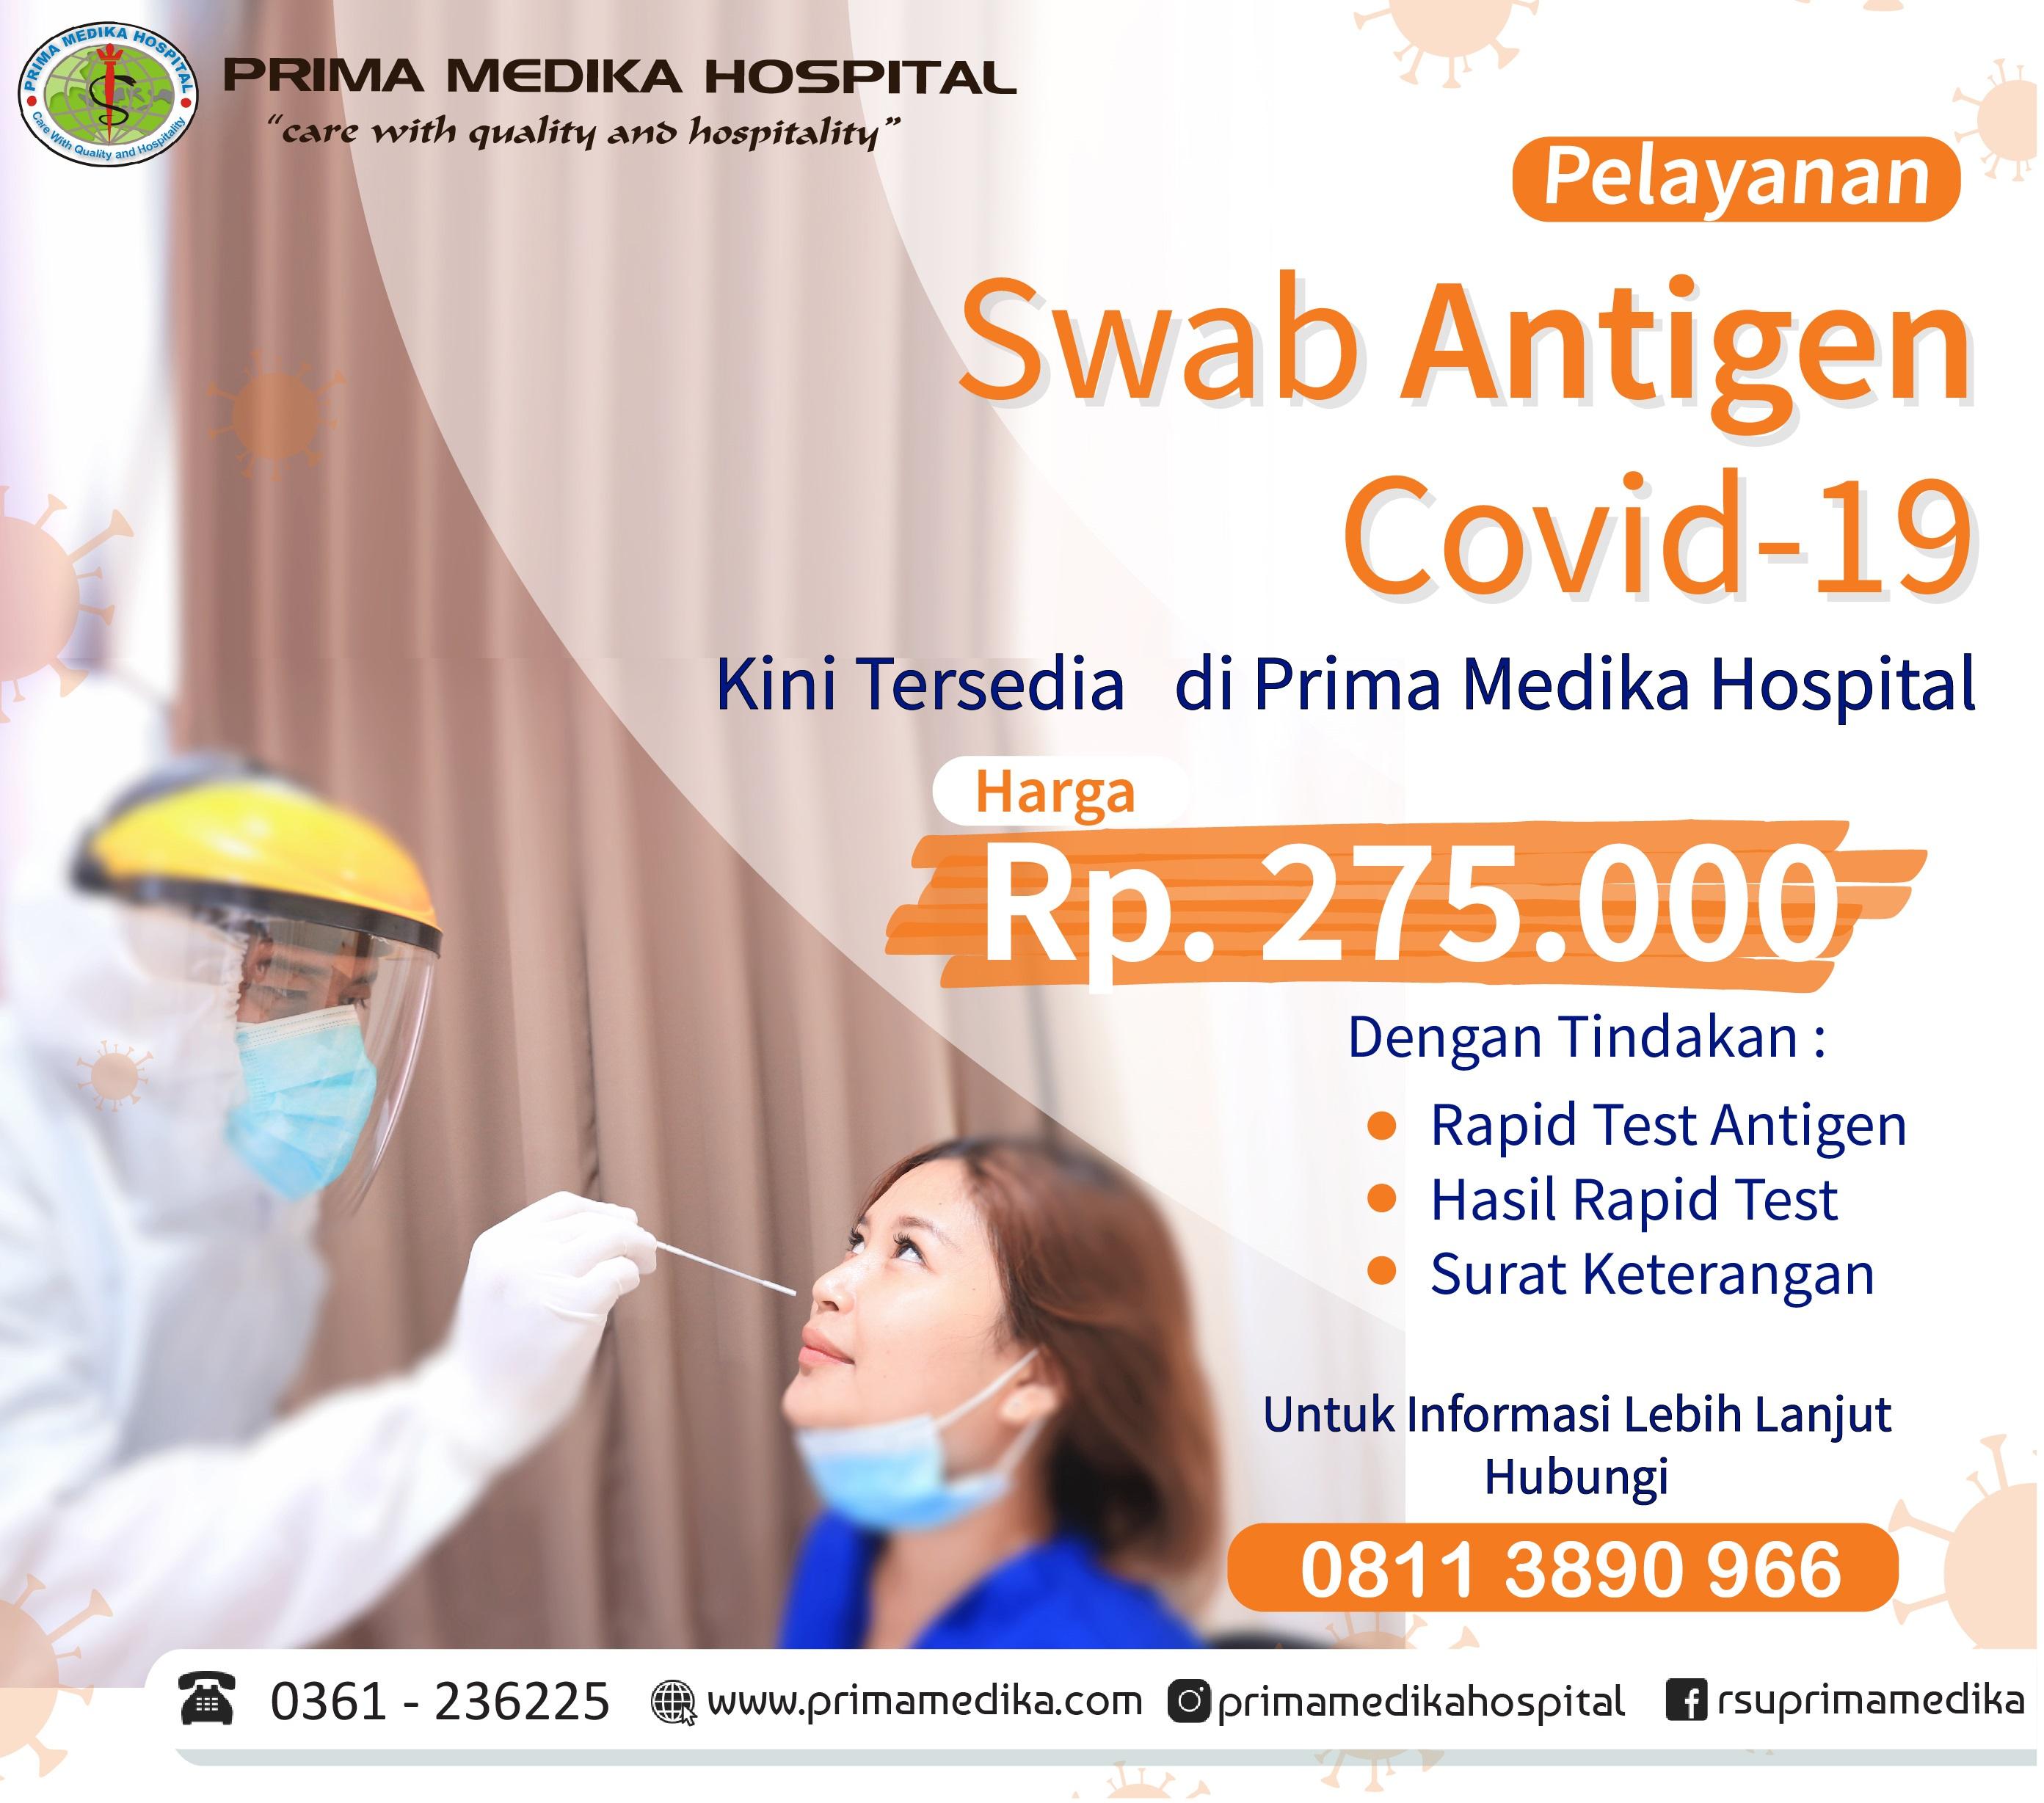 Pelayanan SWAB Antigen Prima Medika Hospital